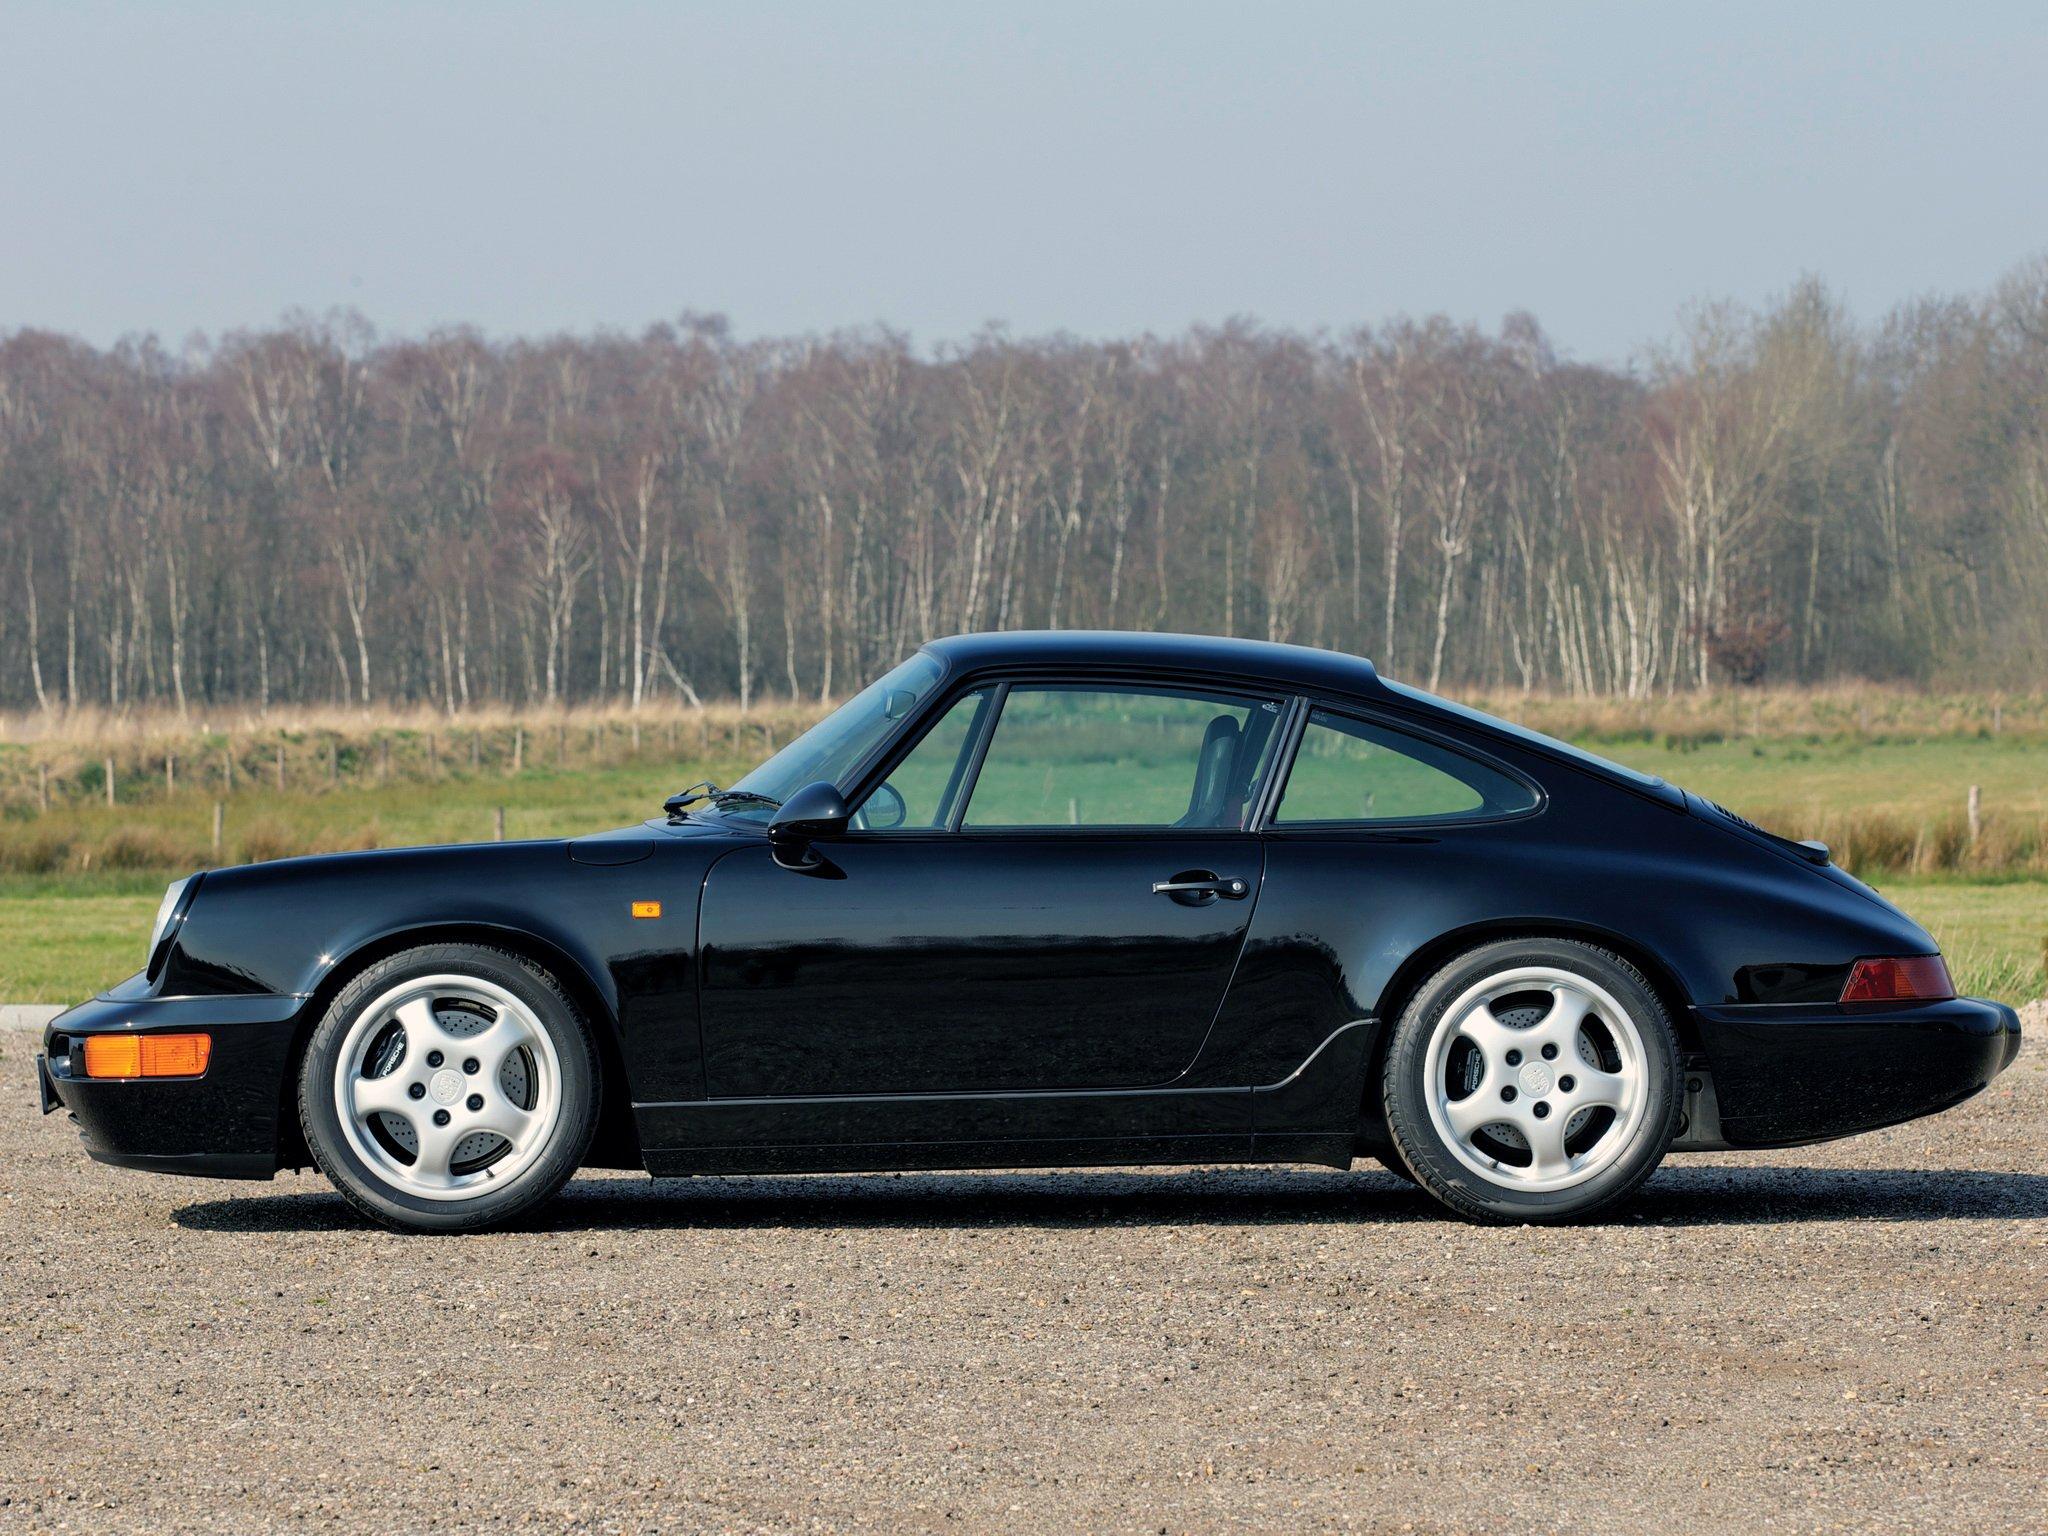 1991 Porsche 911 Carrera R S Leichtbau 964 d wallpaper 2048x1536